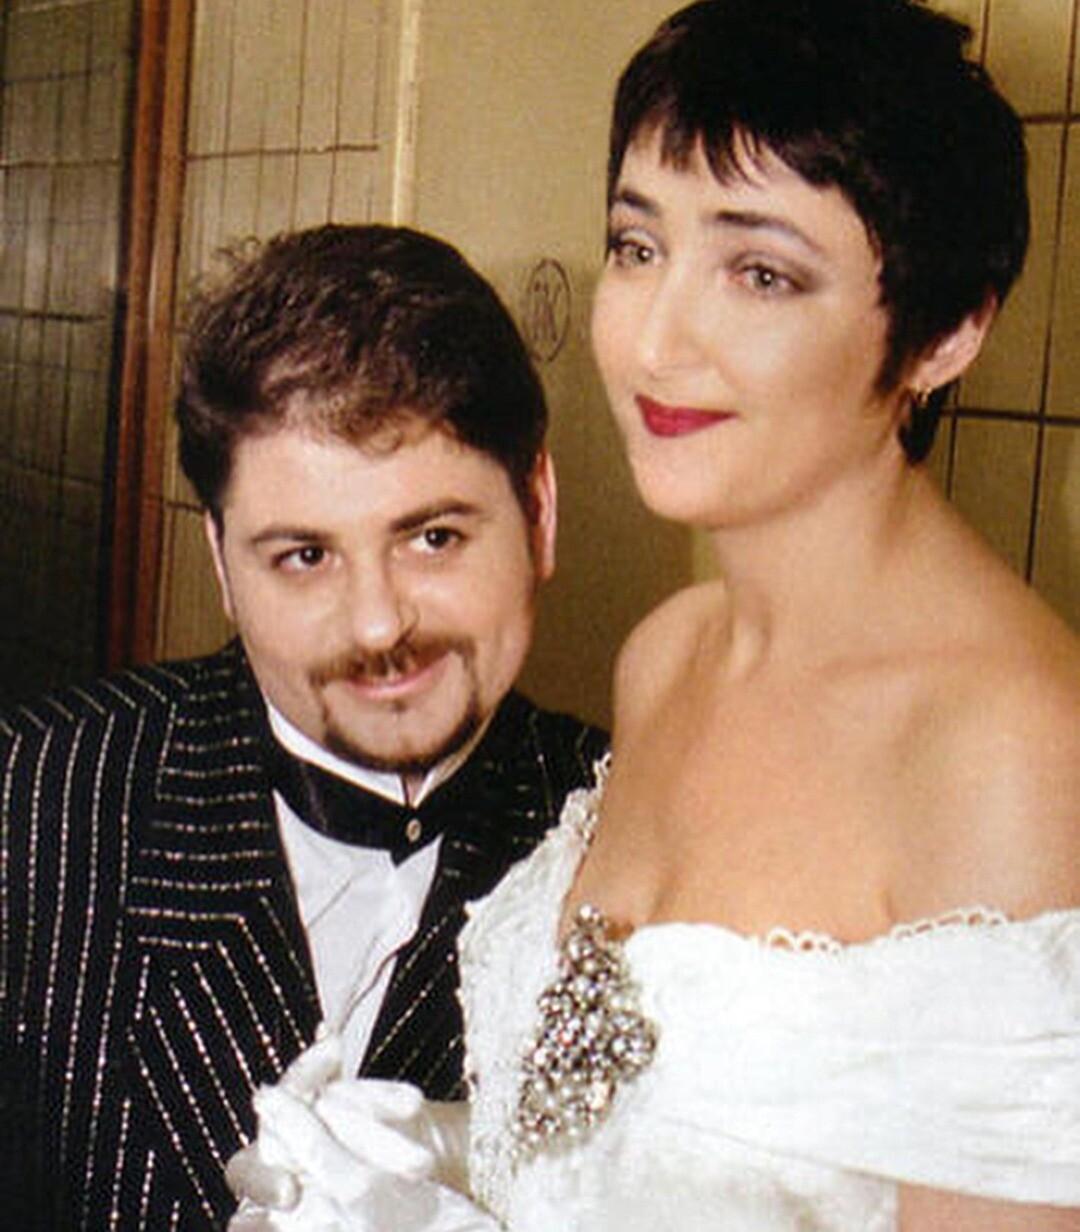 Александр Цекало психанул, услышав о разводе Лолиты Милявской (видео)